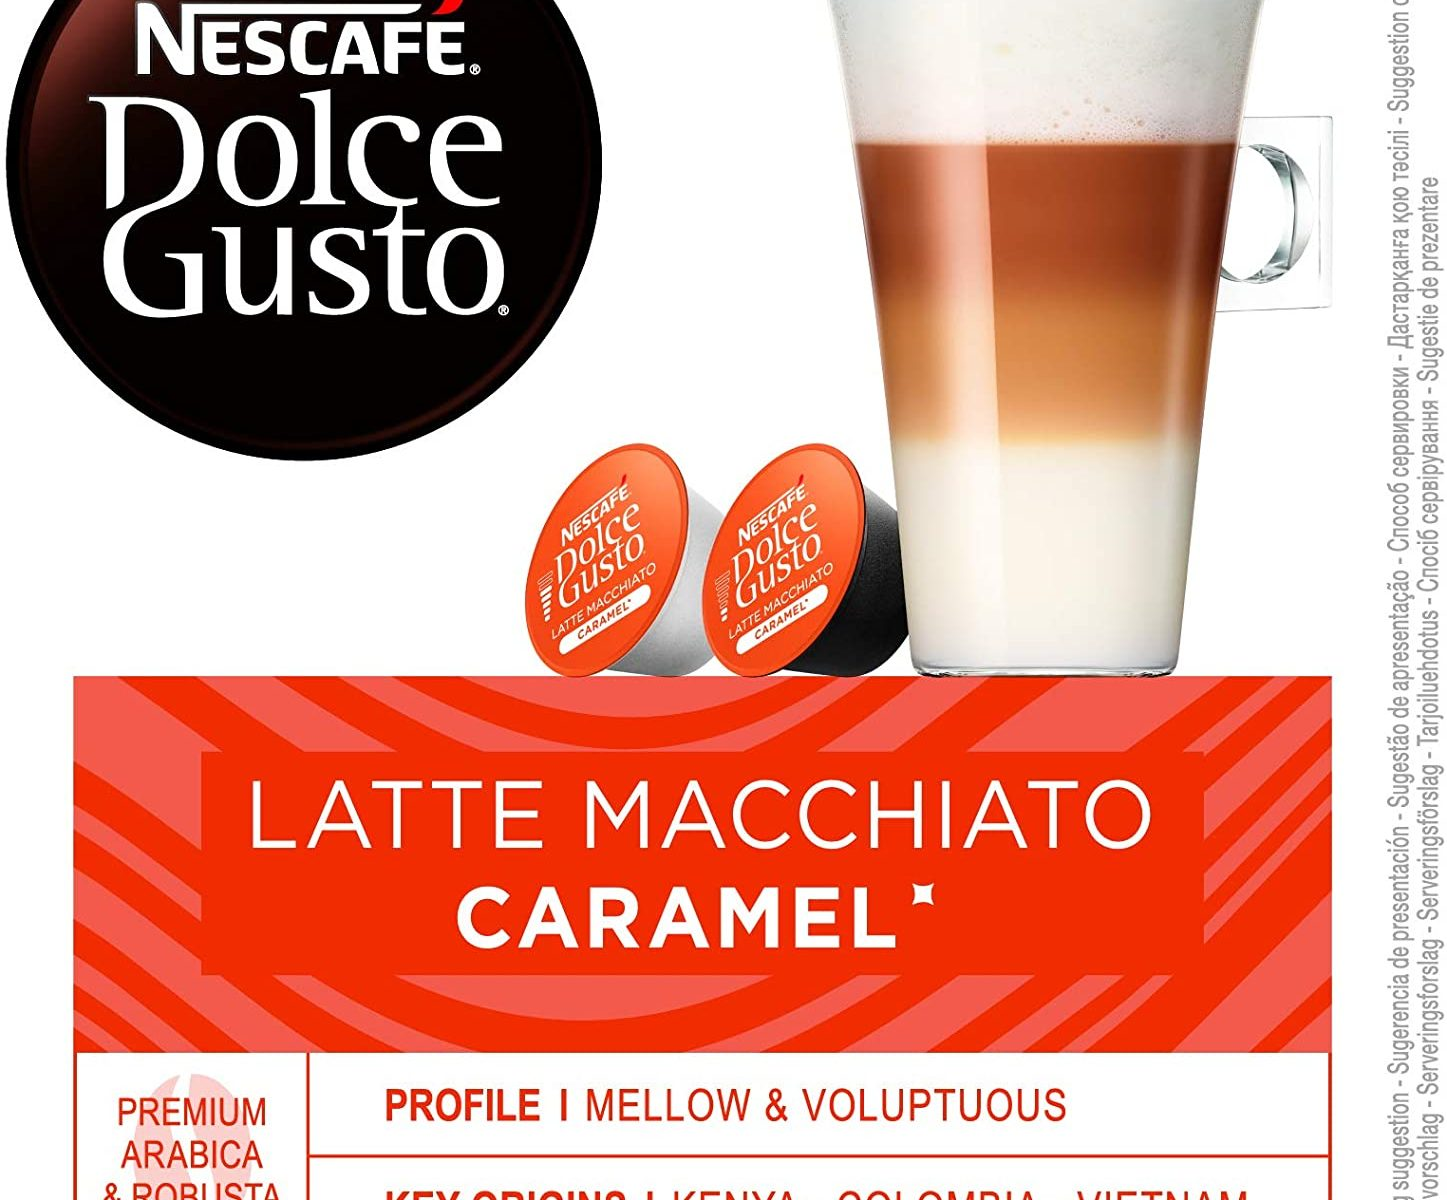 NESCAFÉ Dolce Gusto Latte Macchiato Caramel.